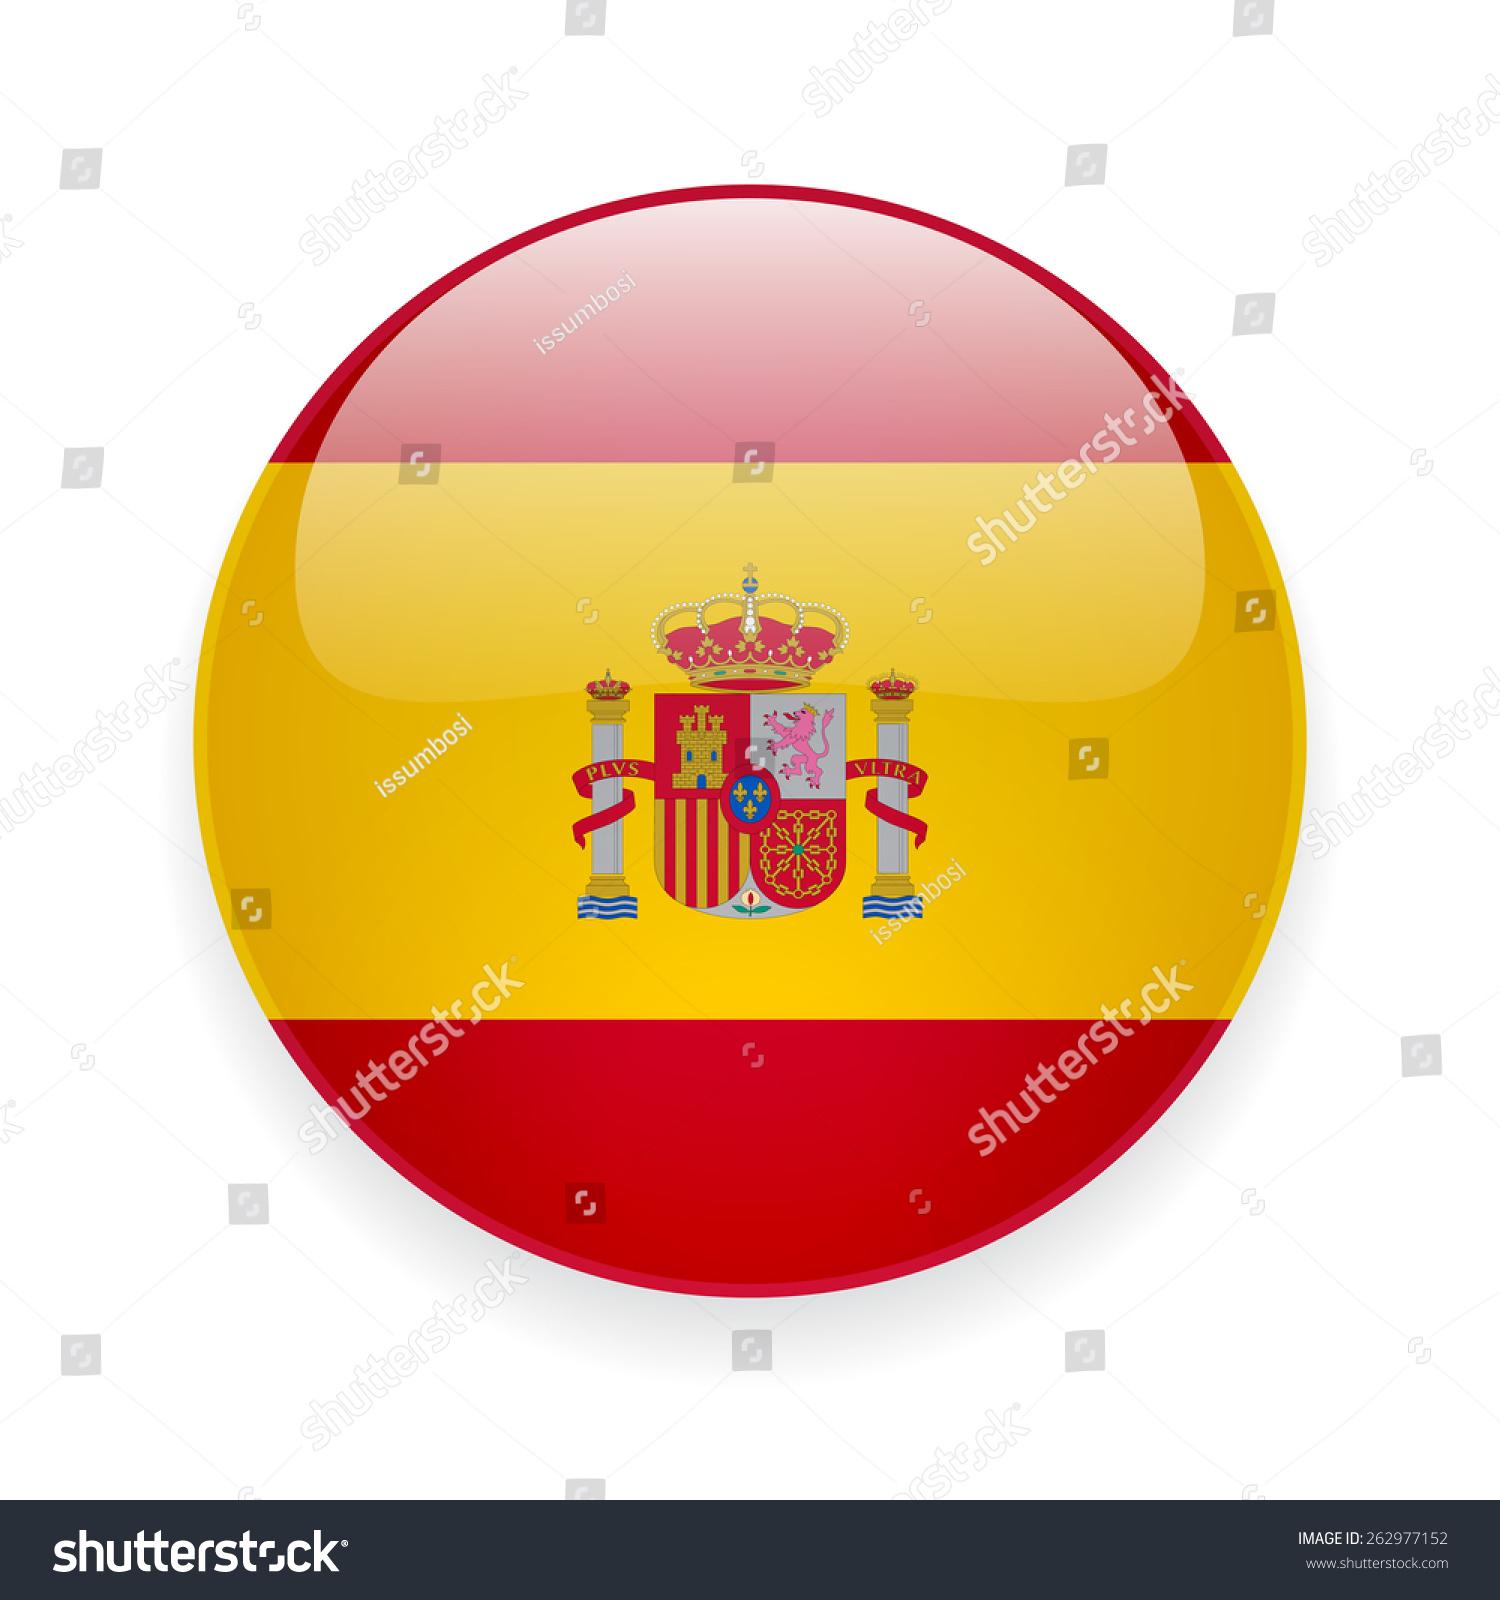 西班牙国旗的圆形平滑矢量图标,白色背景-符号/标志